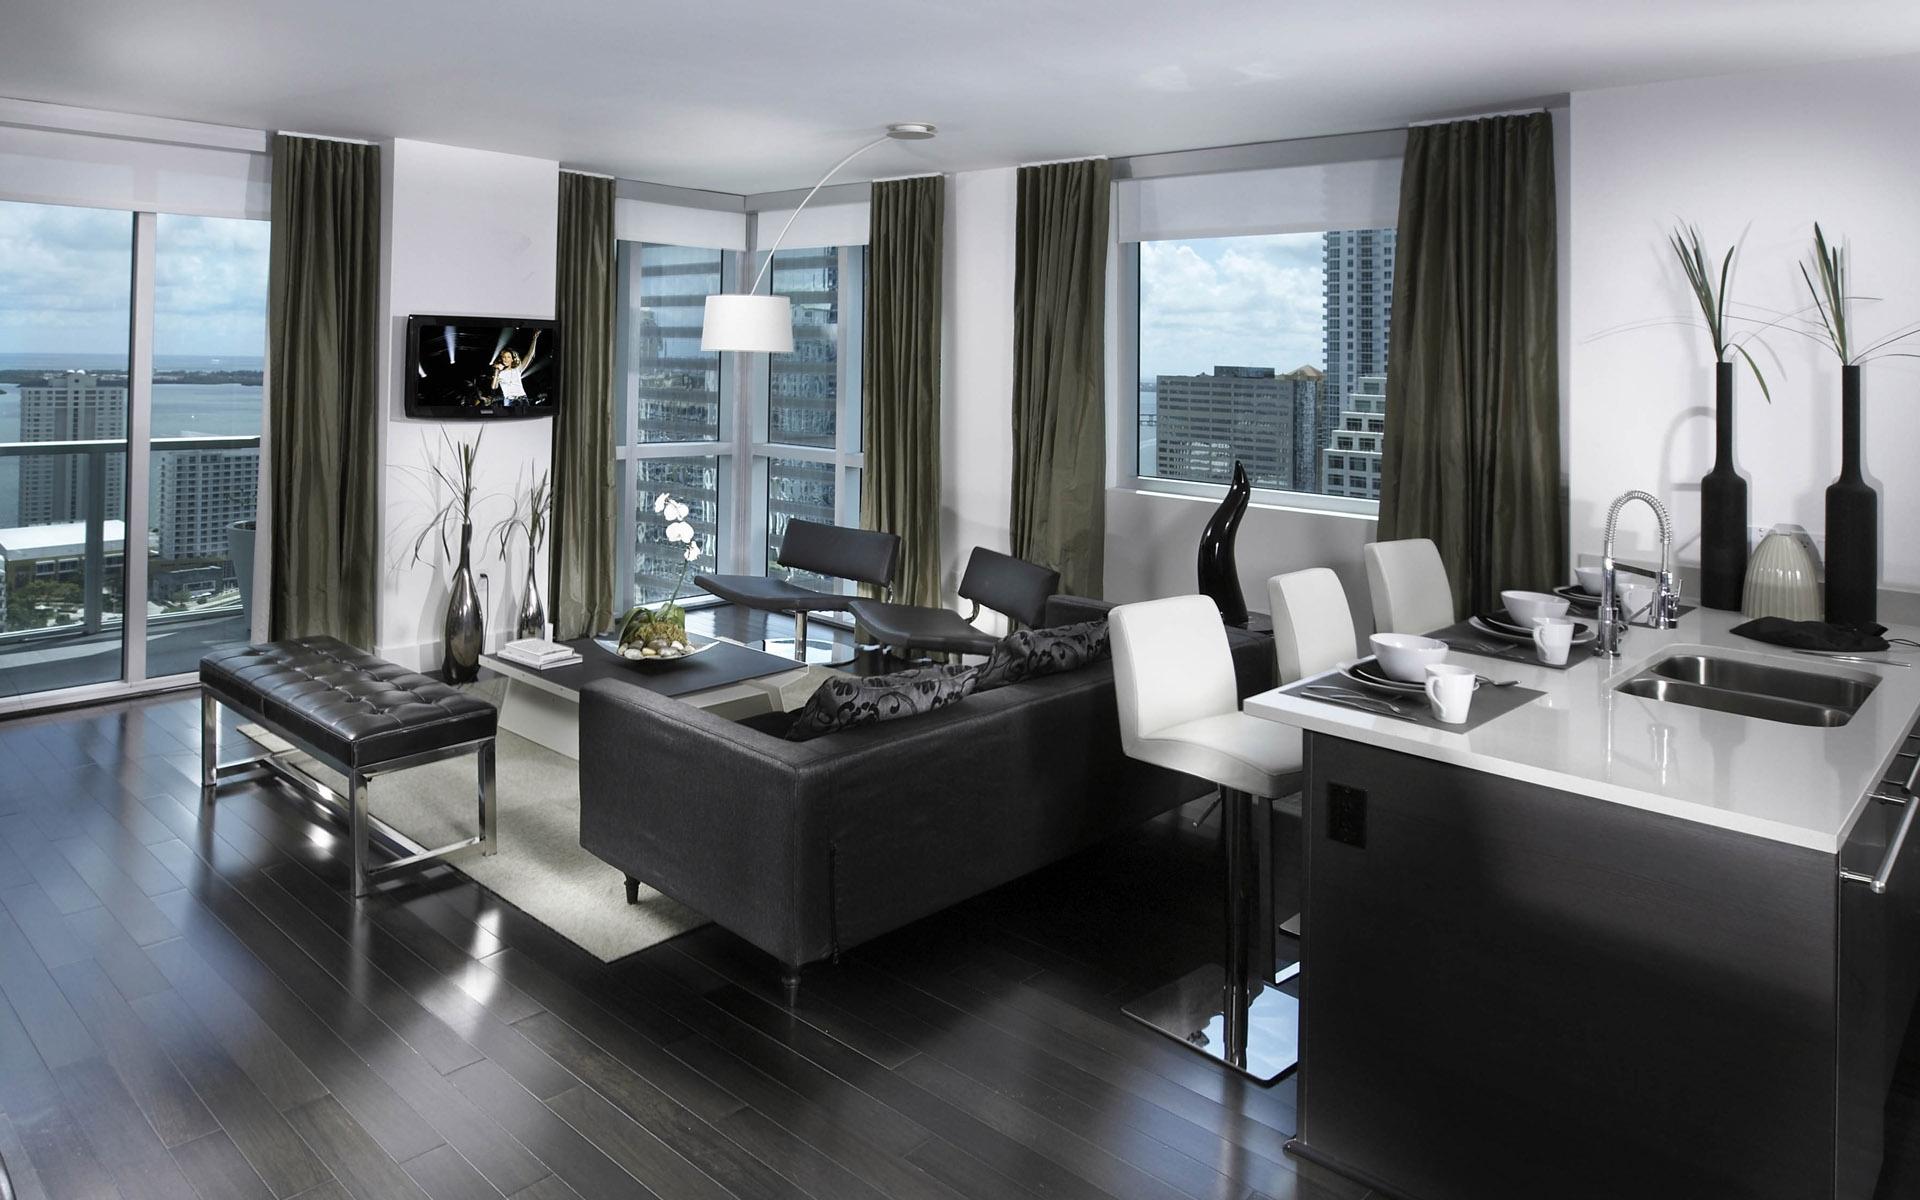 Hintergrundbilder : Zimmer, Tabelle, Büro, modern, Innenarchitektur ...